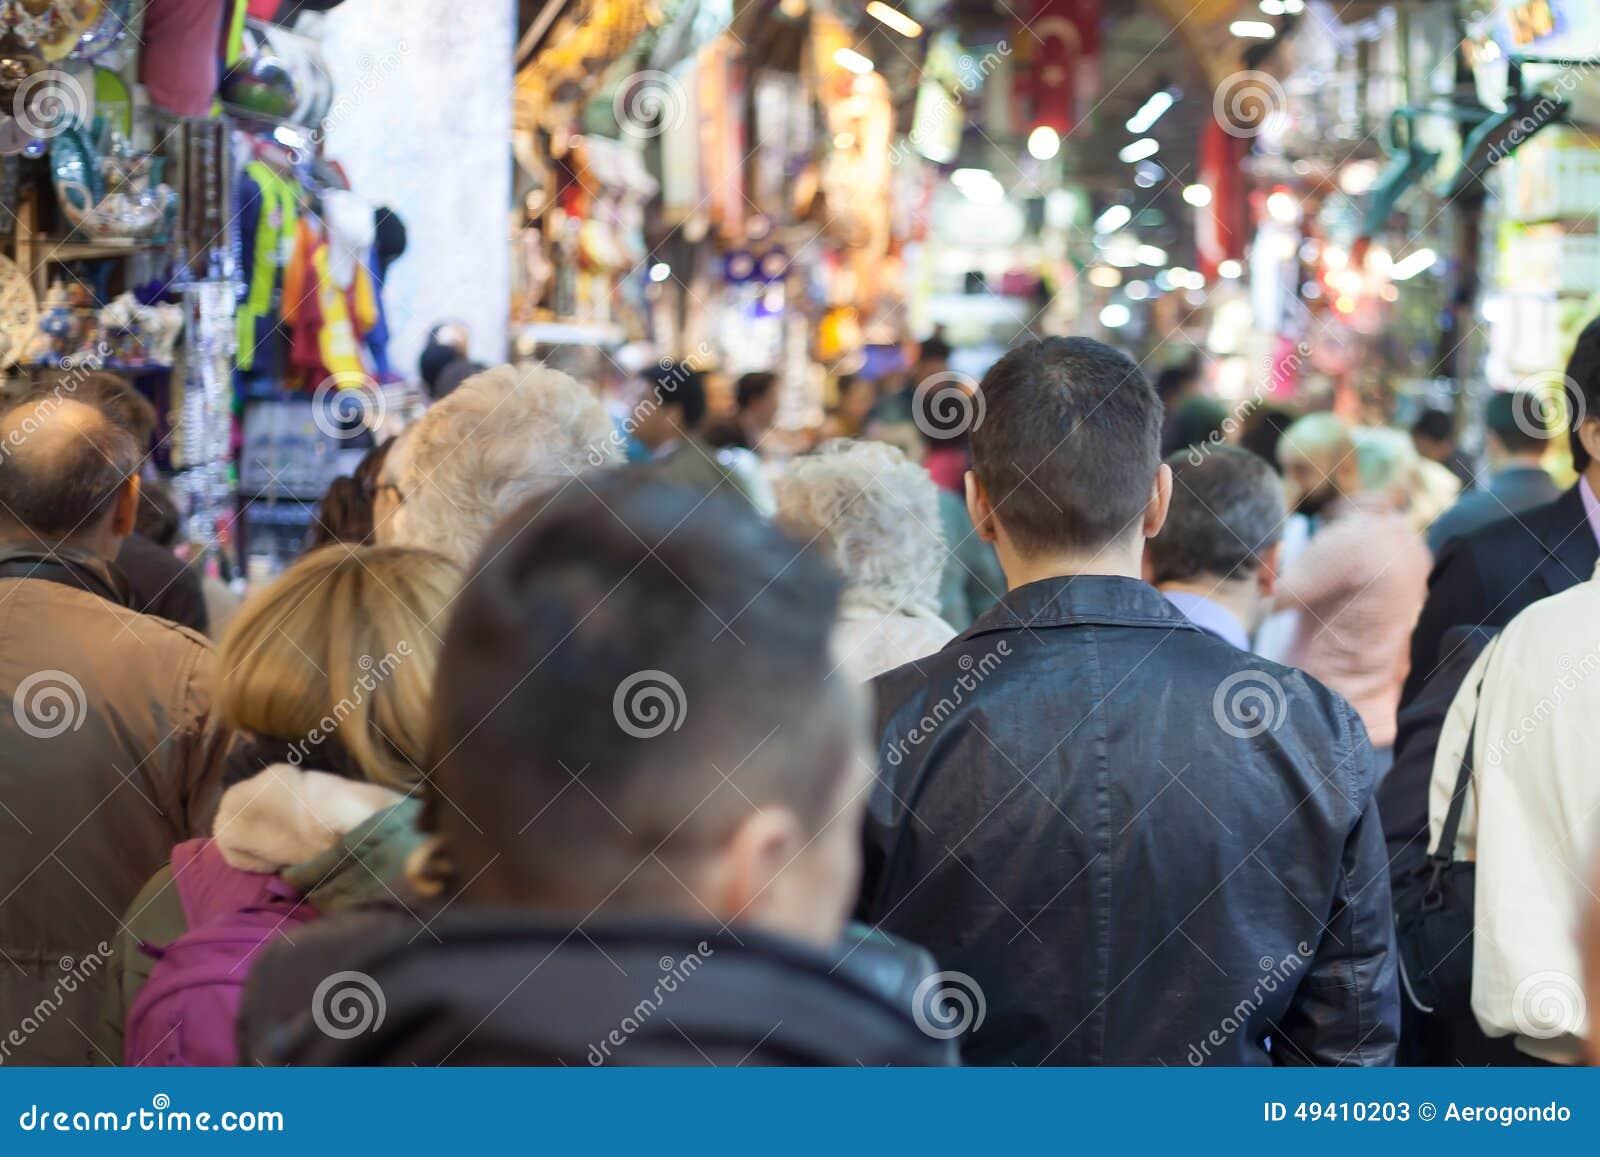 Download Menge am türkischen Markt redaktionelles stockfoto. Bild von rückseite - 49410203